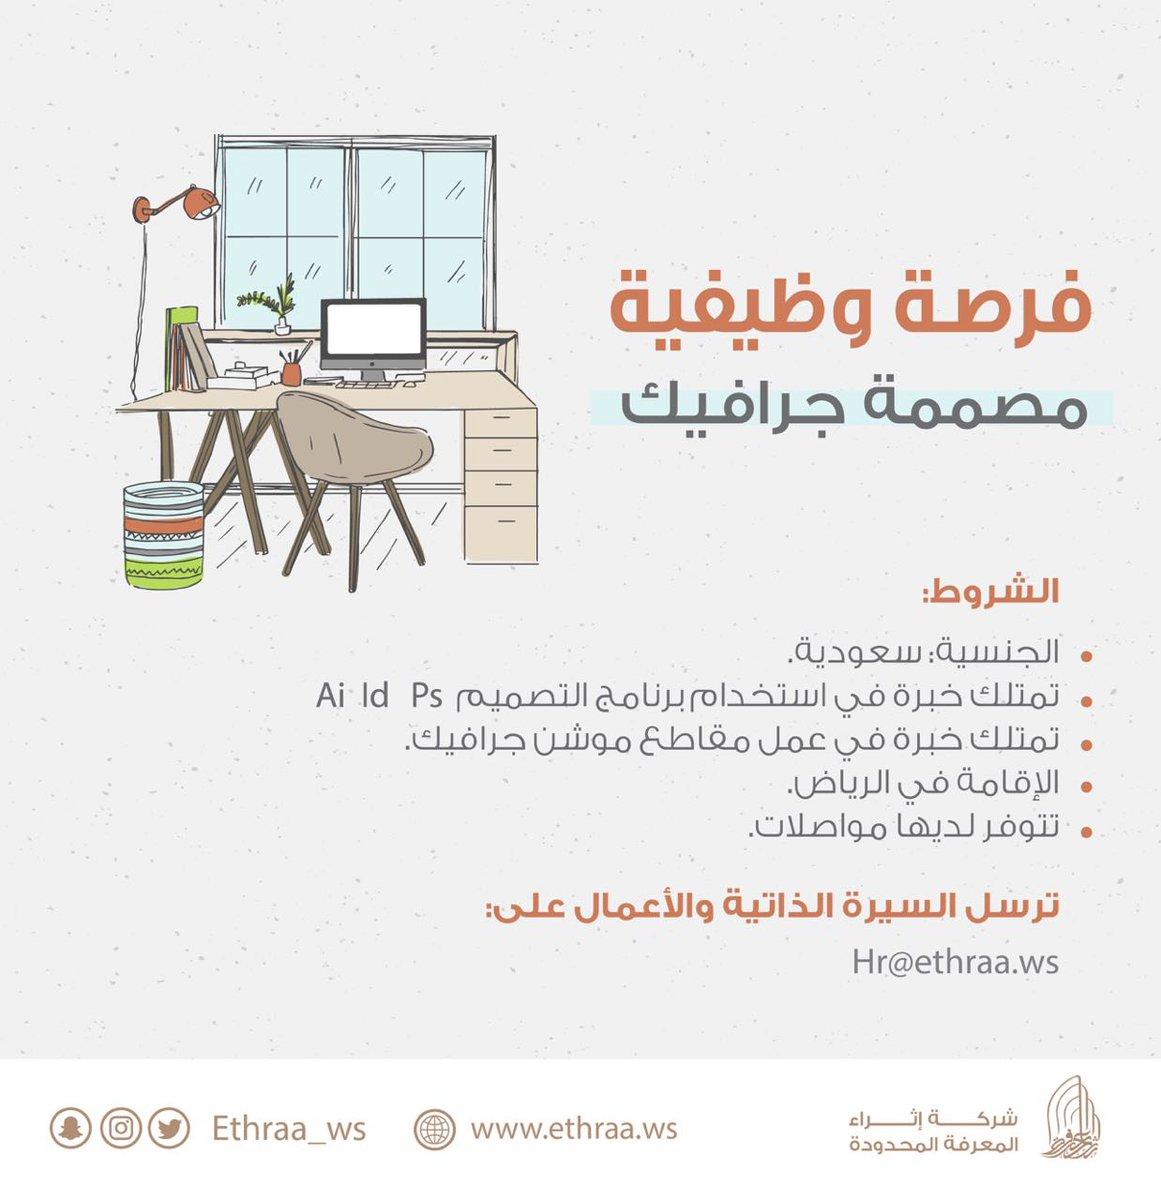 وظيفة مصممة جرافيك في الرياض